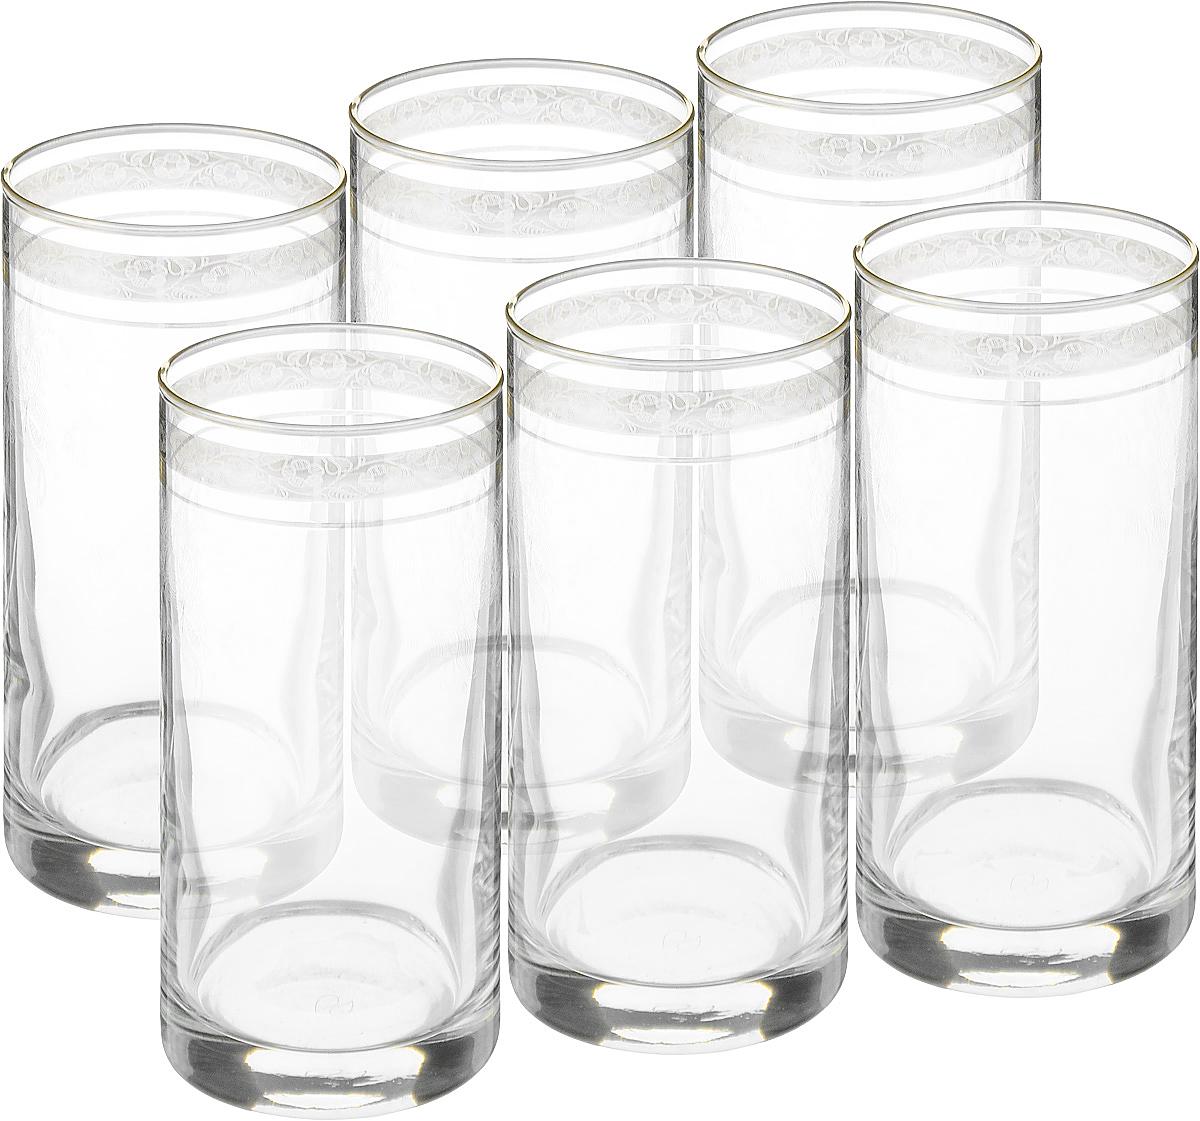 Набор стаканов Гусь Хрустальный Нежность, 350 мл, 6 шт. TL34-402TL34-402Набор Гусь-Хрустальный Нежность состоит из 6 стаканов с толстым дном, изготовленных из высококачественного натрий-кальций-силикатного стекла. Изделия оформлены красивым зеркальным покрытием и широкой окантовкой с цветочным узором. Стаканы предназначены для подачи виски. Такой набор прекрасно дополнит праздничный стол и станет желанным подарком в любом доме. Диаметр стакана (по верхнему краю): 6,3 см. Высота стакана: 15,5 см.